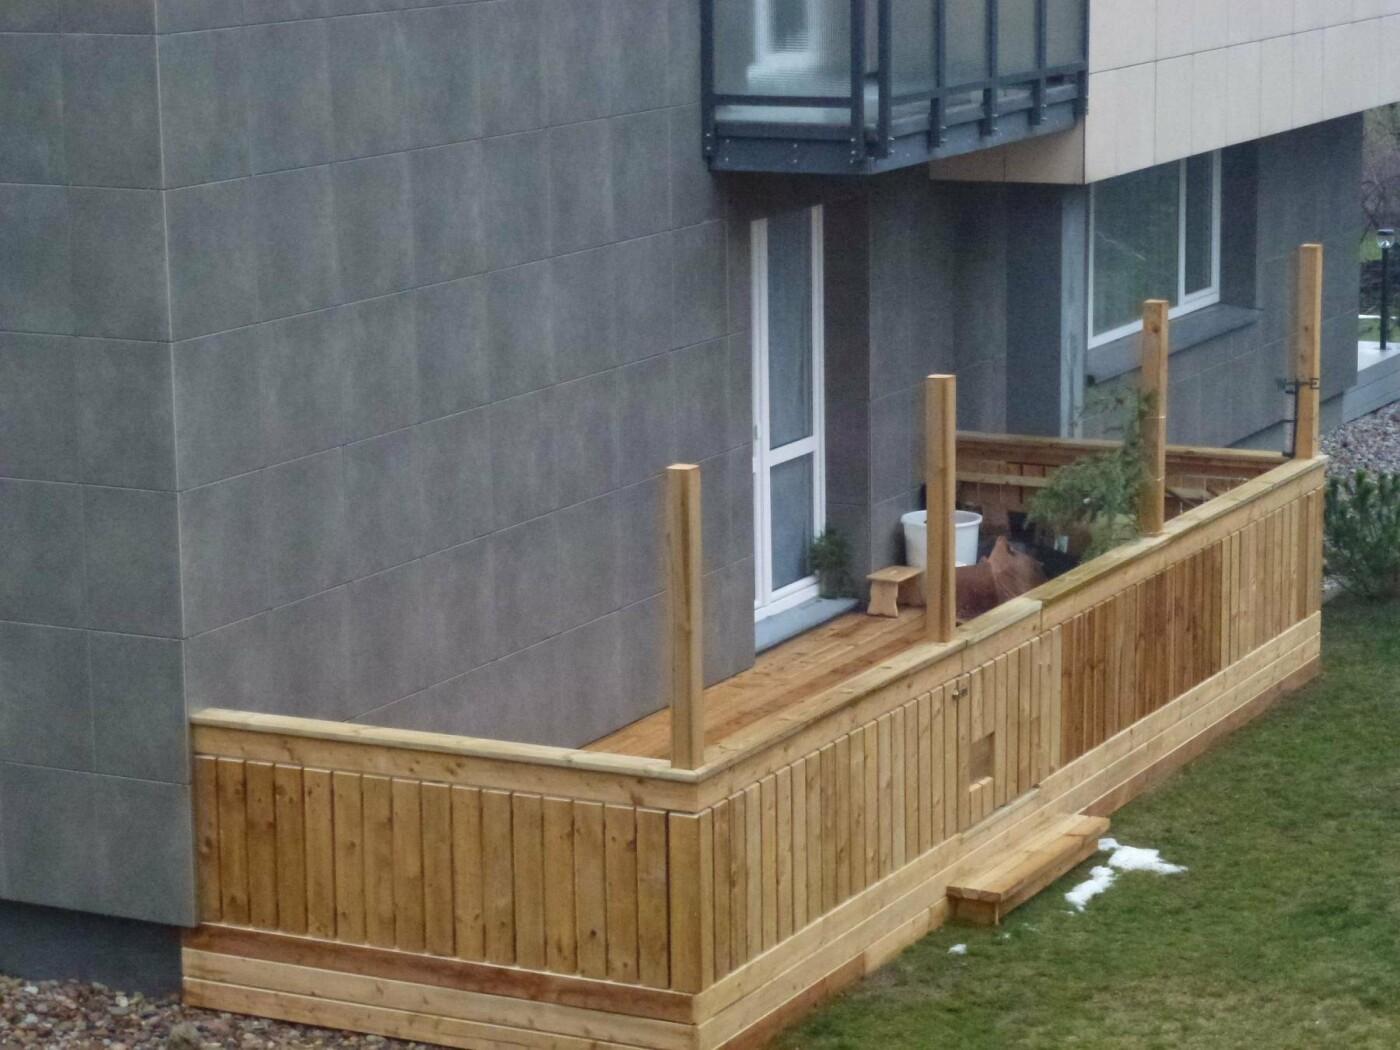 Kaimynų pasipiktinimą sukėlusi terasa: vieniems išsigelbėjimas, kitiems – baisus šašas, nuotrauka-2